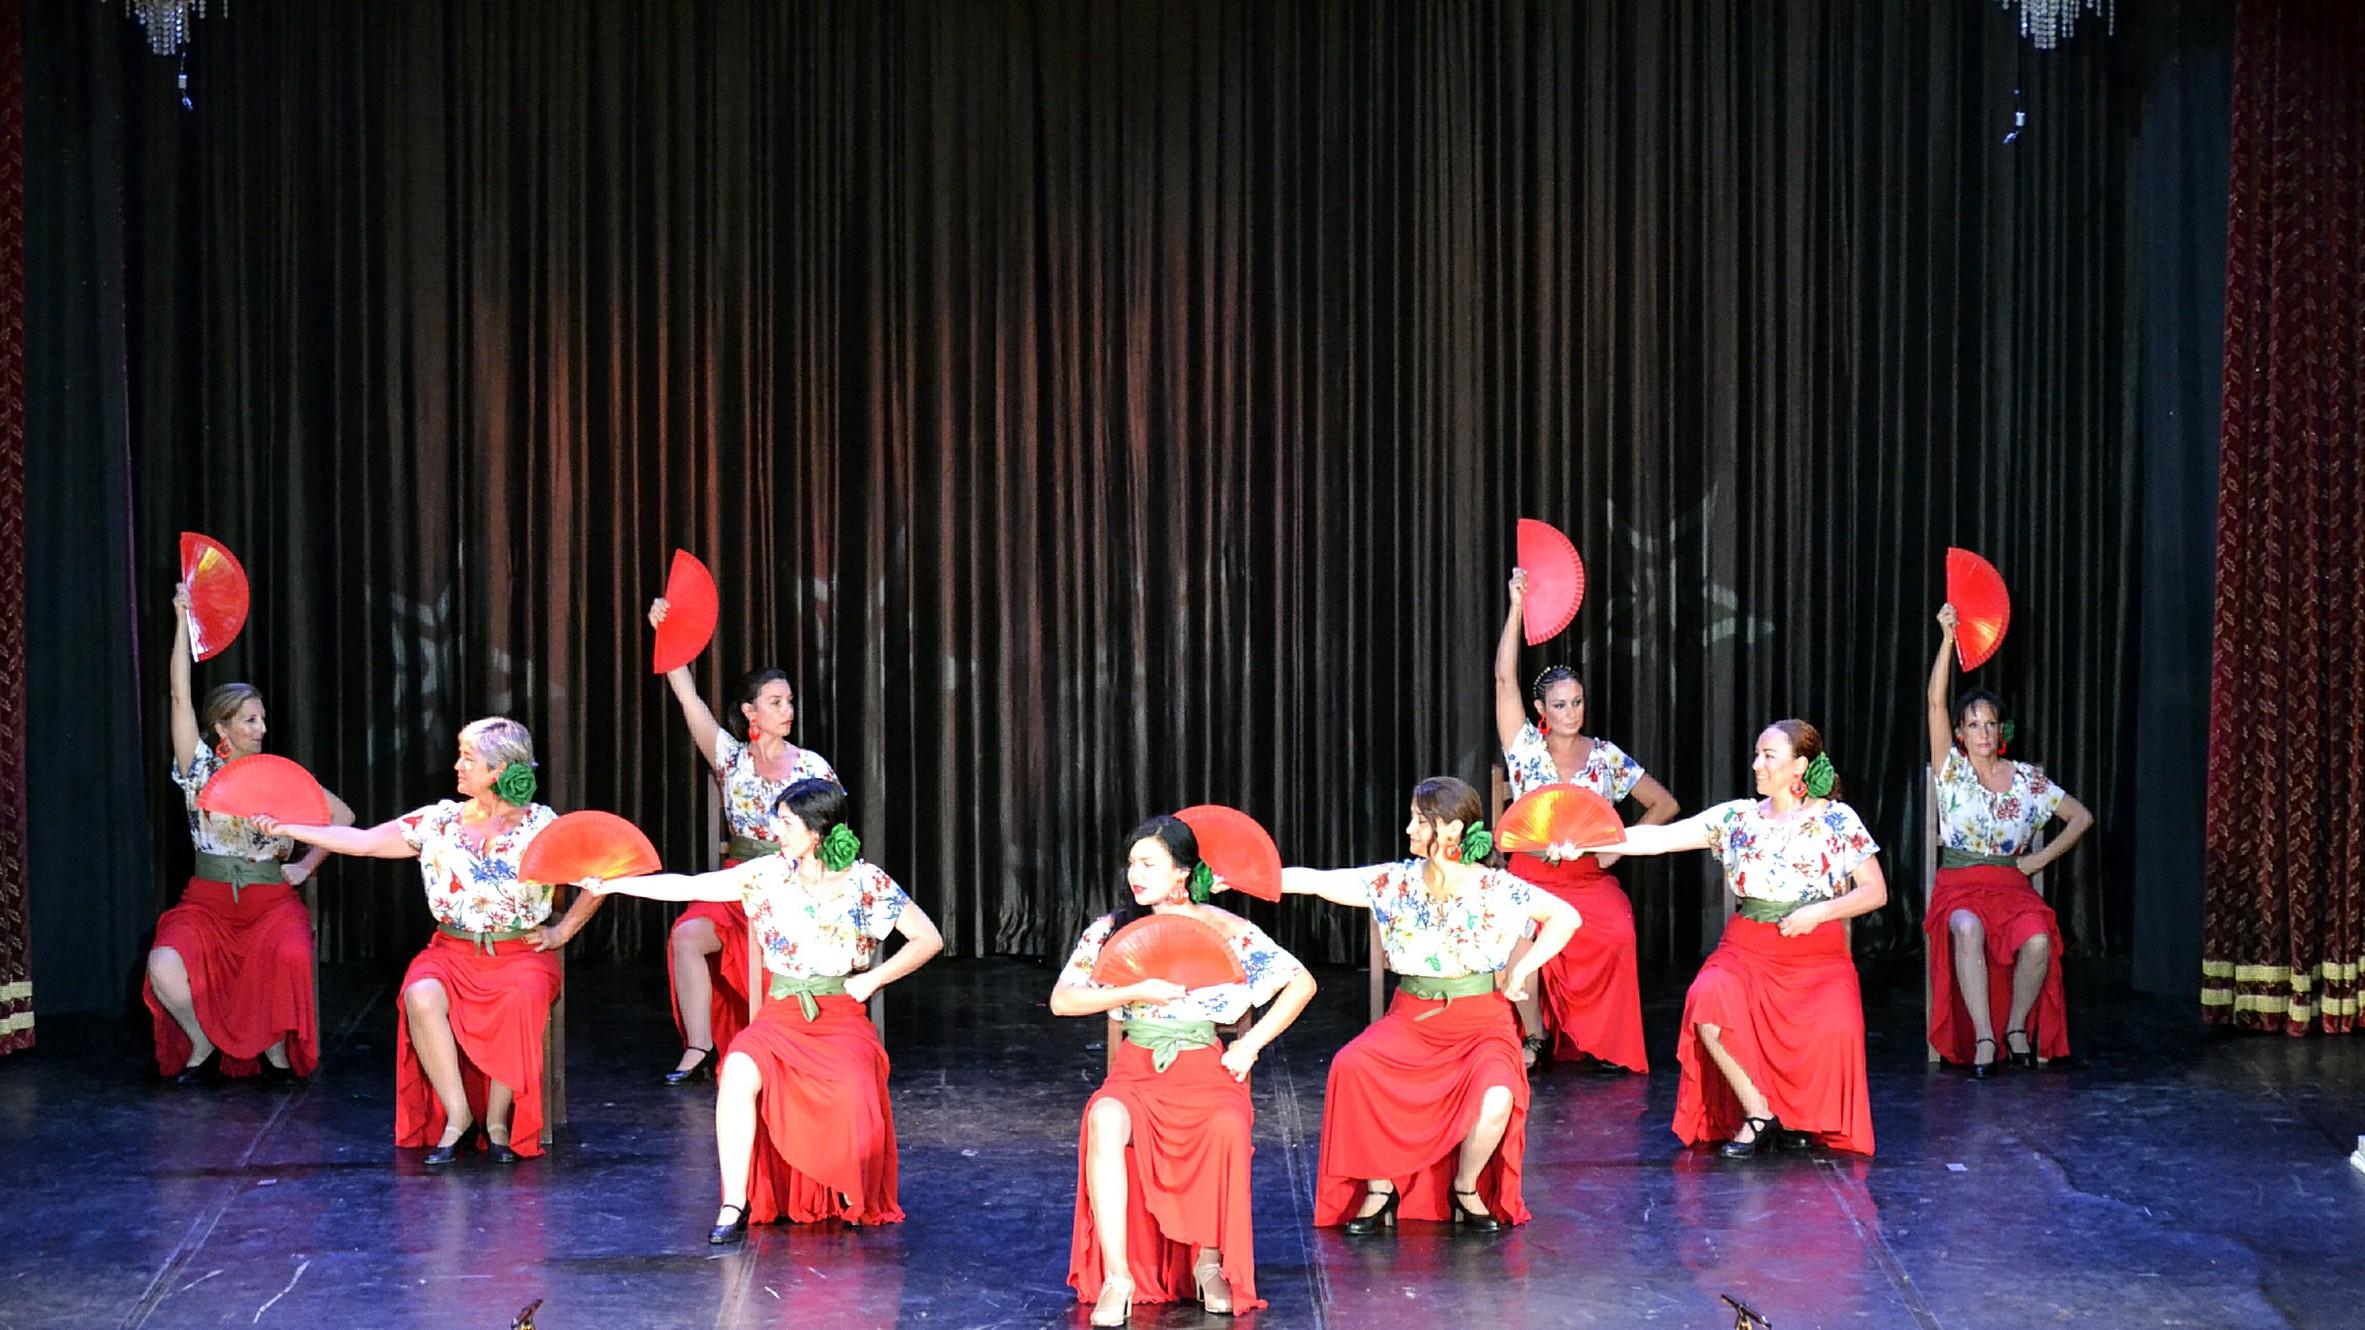 Linea-de-Baile-festival-verano-2015-clases-de-baile-valencia-108